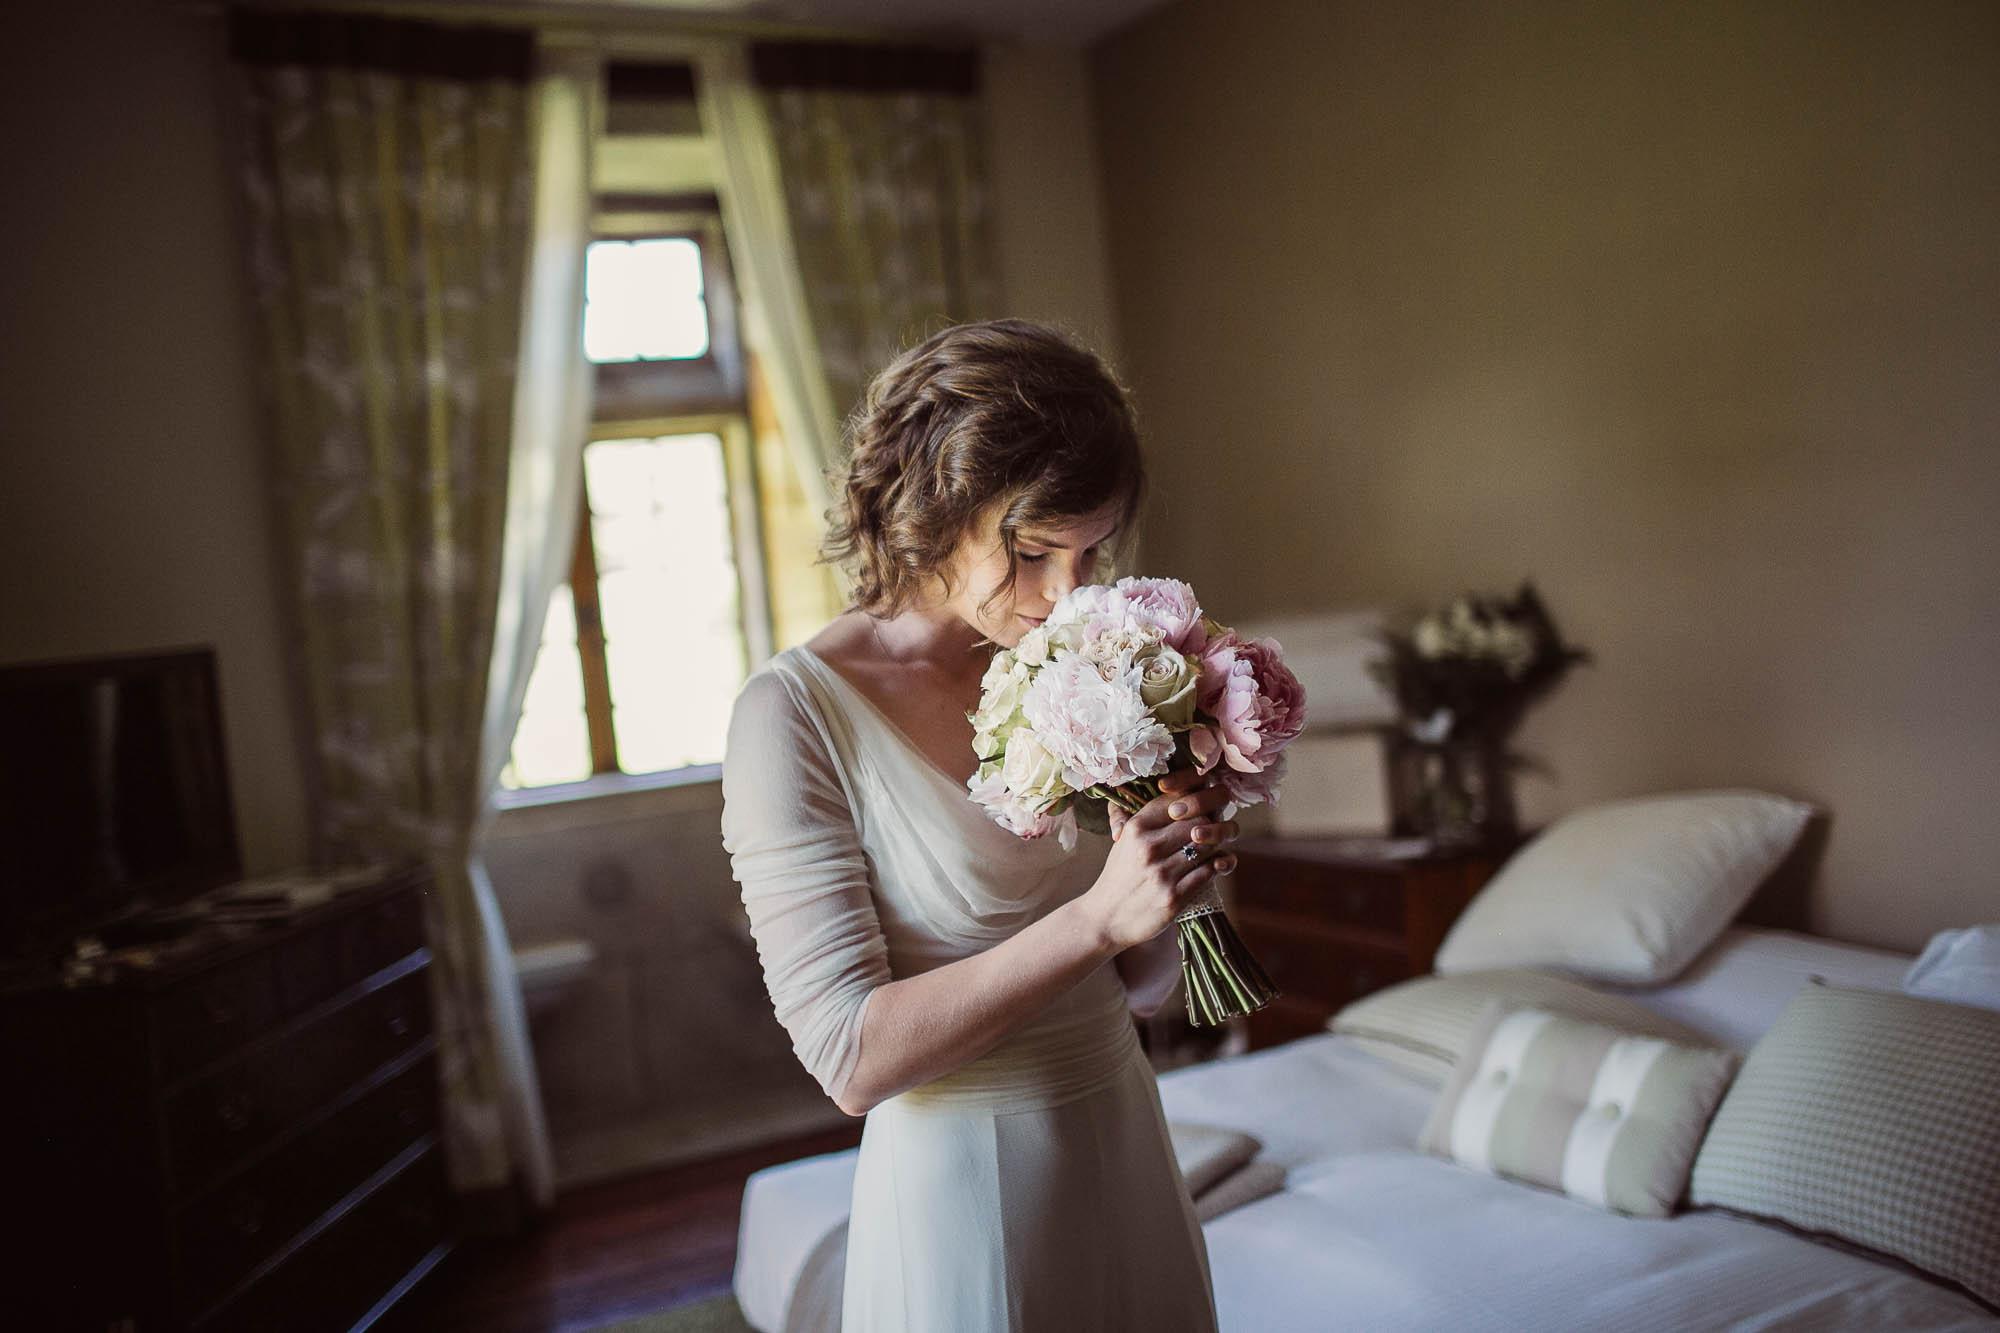 La novia oliendo el ramo de flores de boda